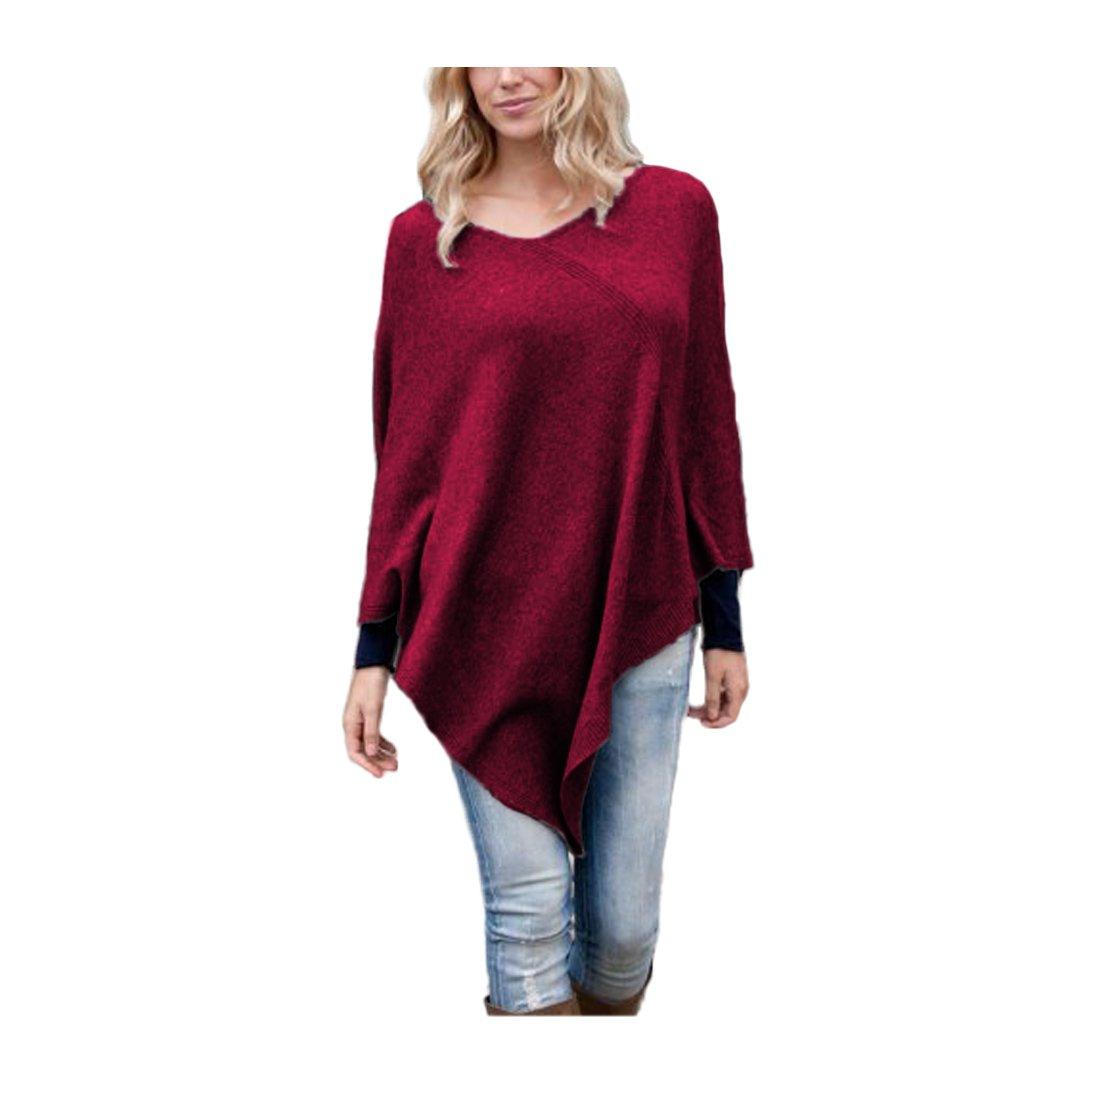 Parisbonbon Women's 100% Cashmere Pullover style Poncho Color Rosewood Size L